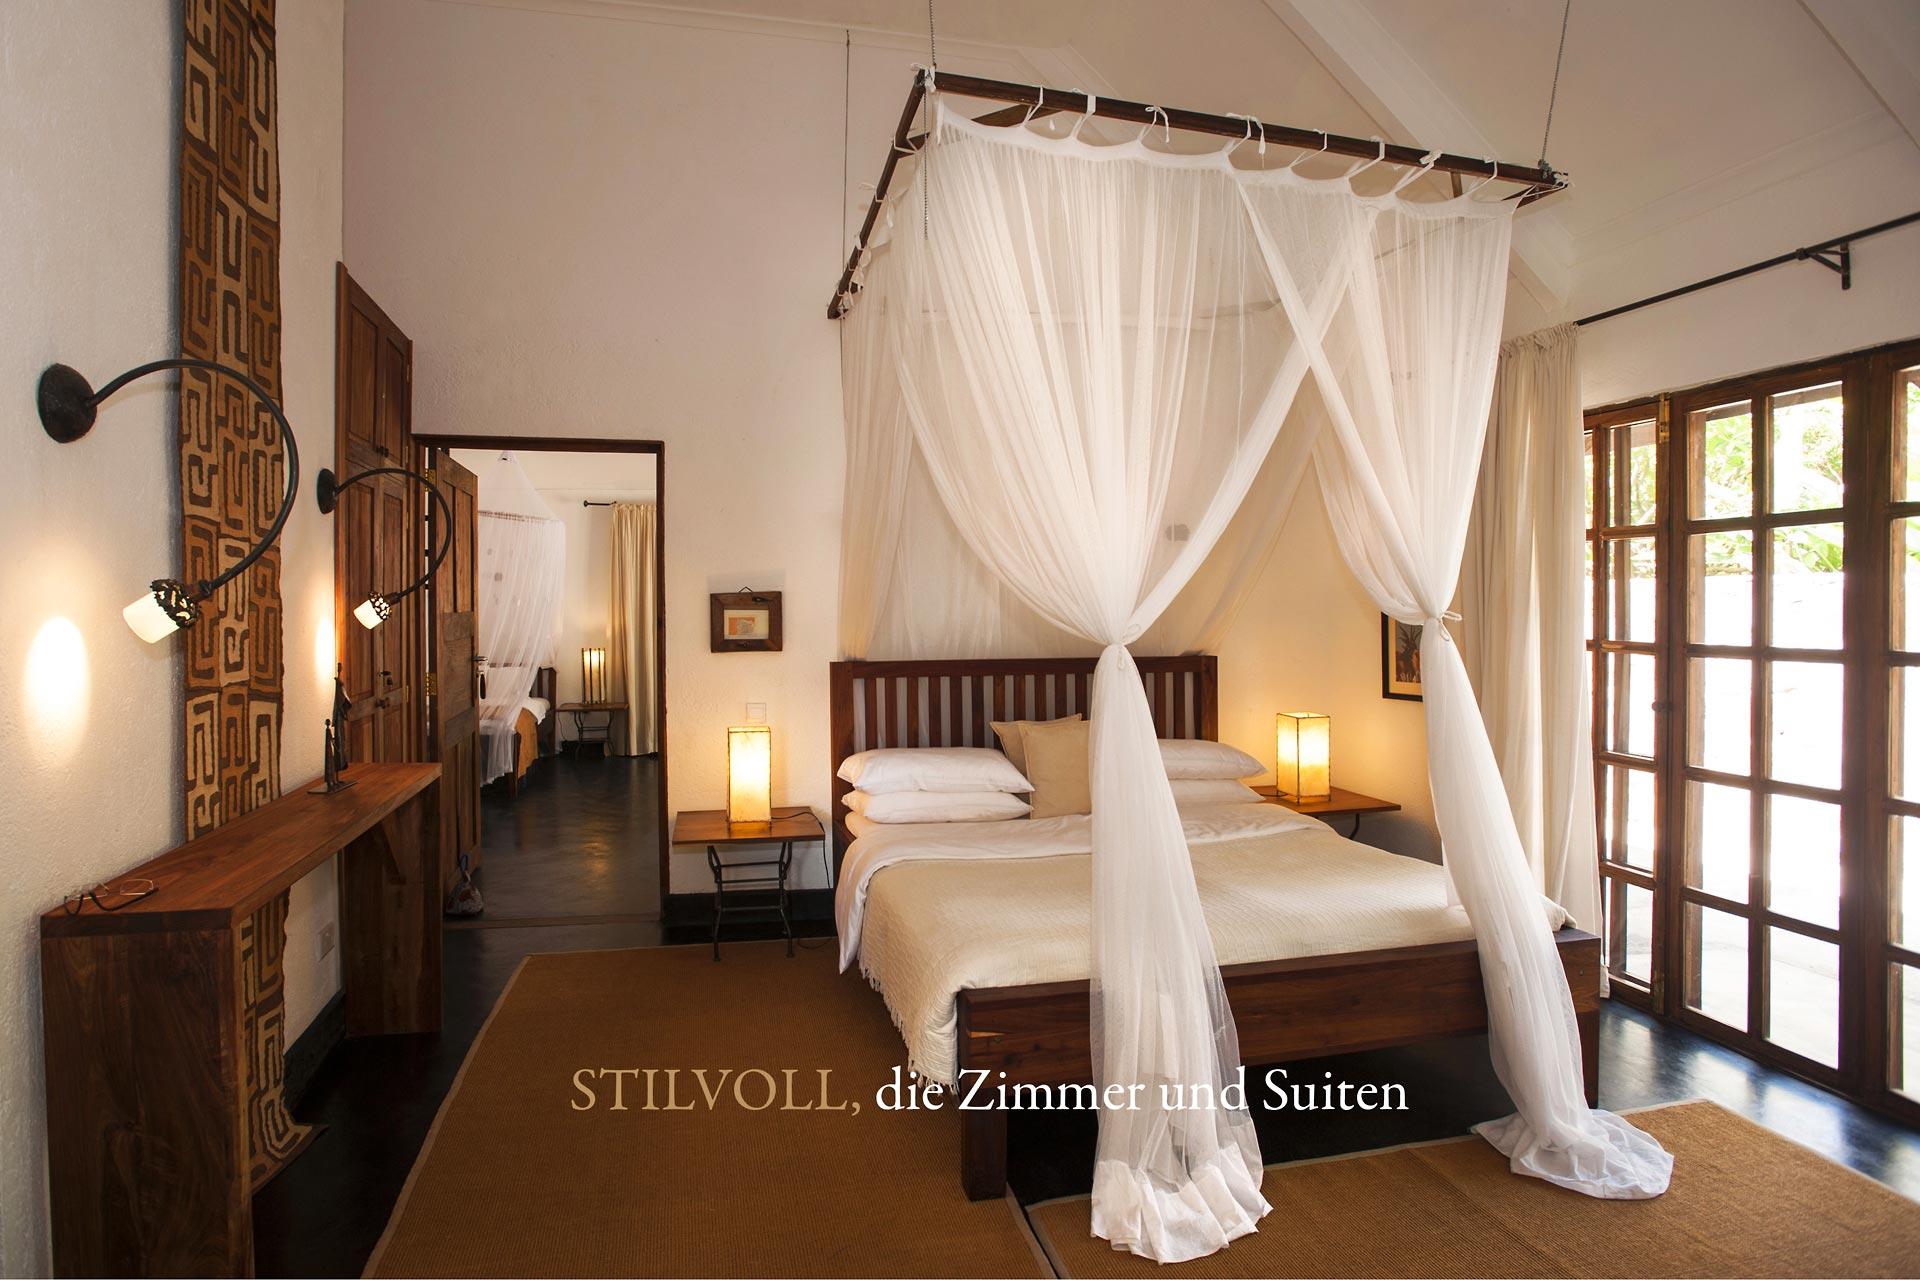 Stilvoll, die Zimmer und Suiten